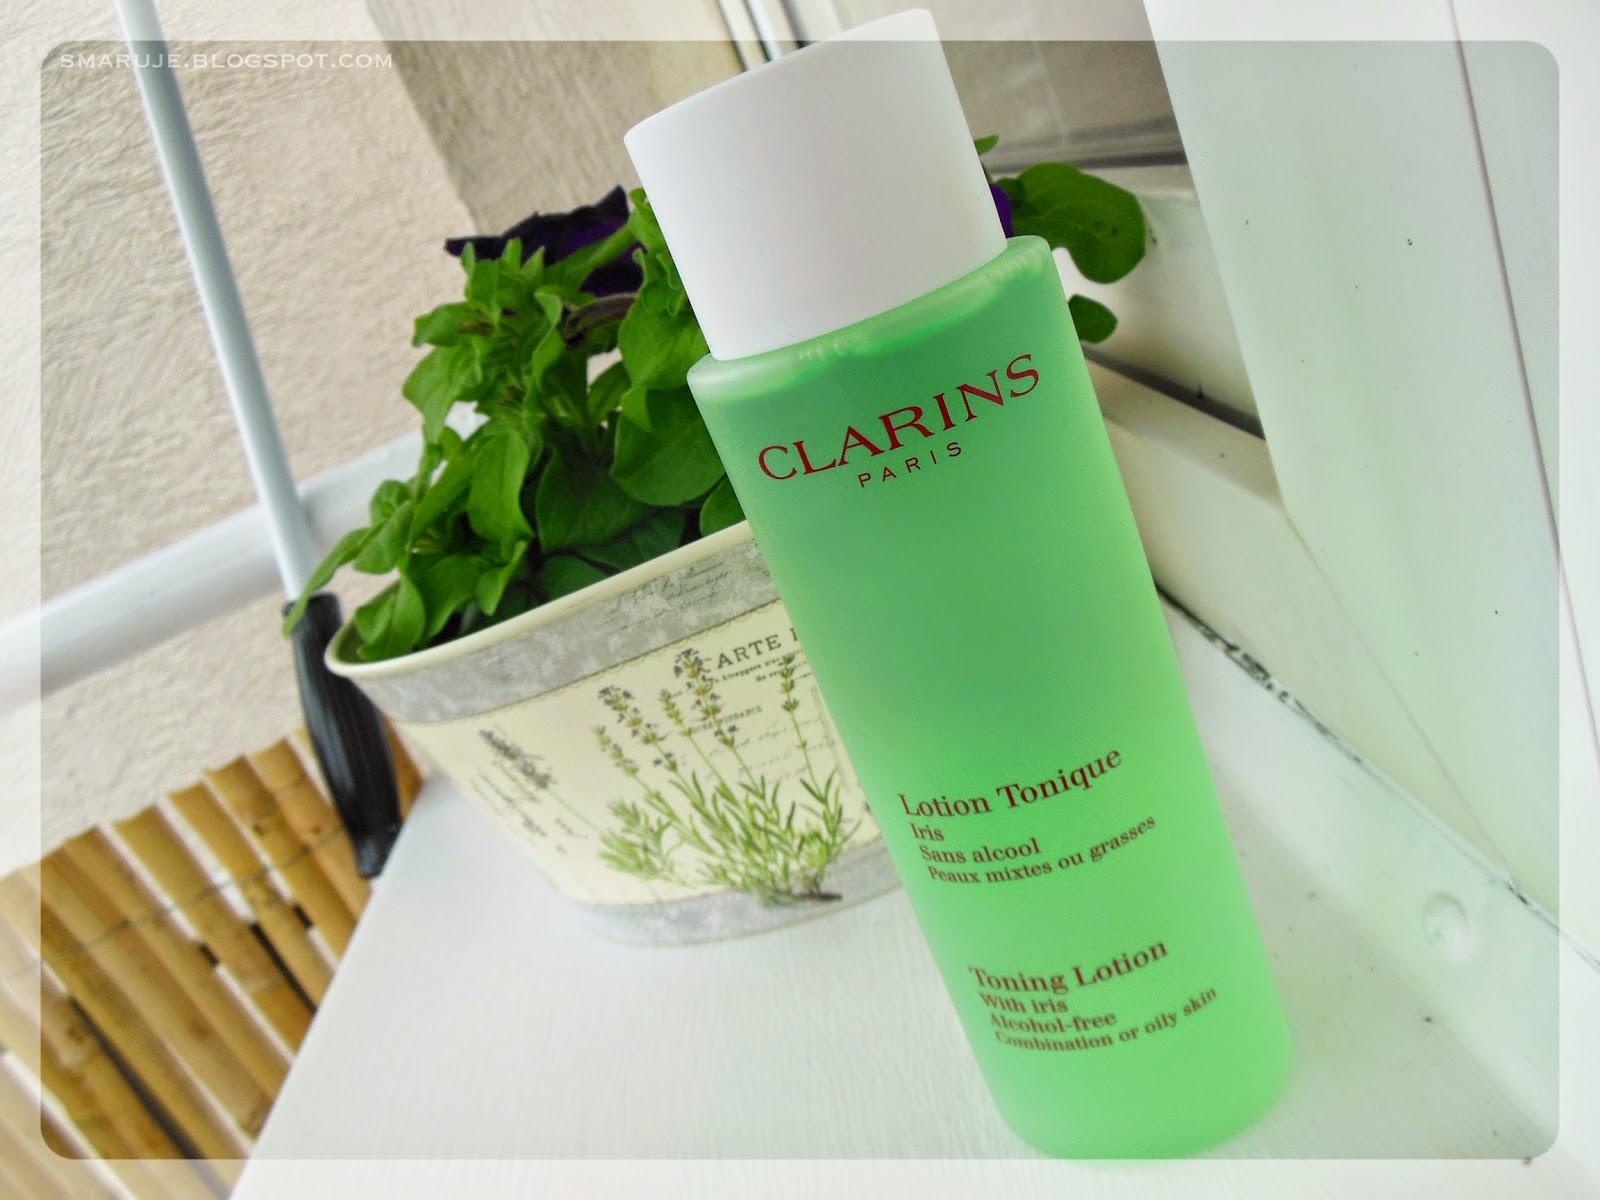 Clarins – Tonik z irysem dla cery tłustej i mieszanej [recenzja]